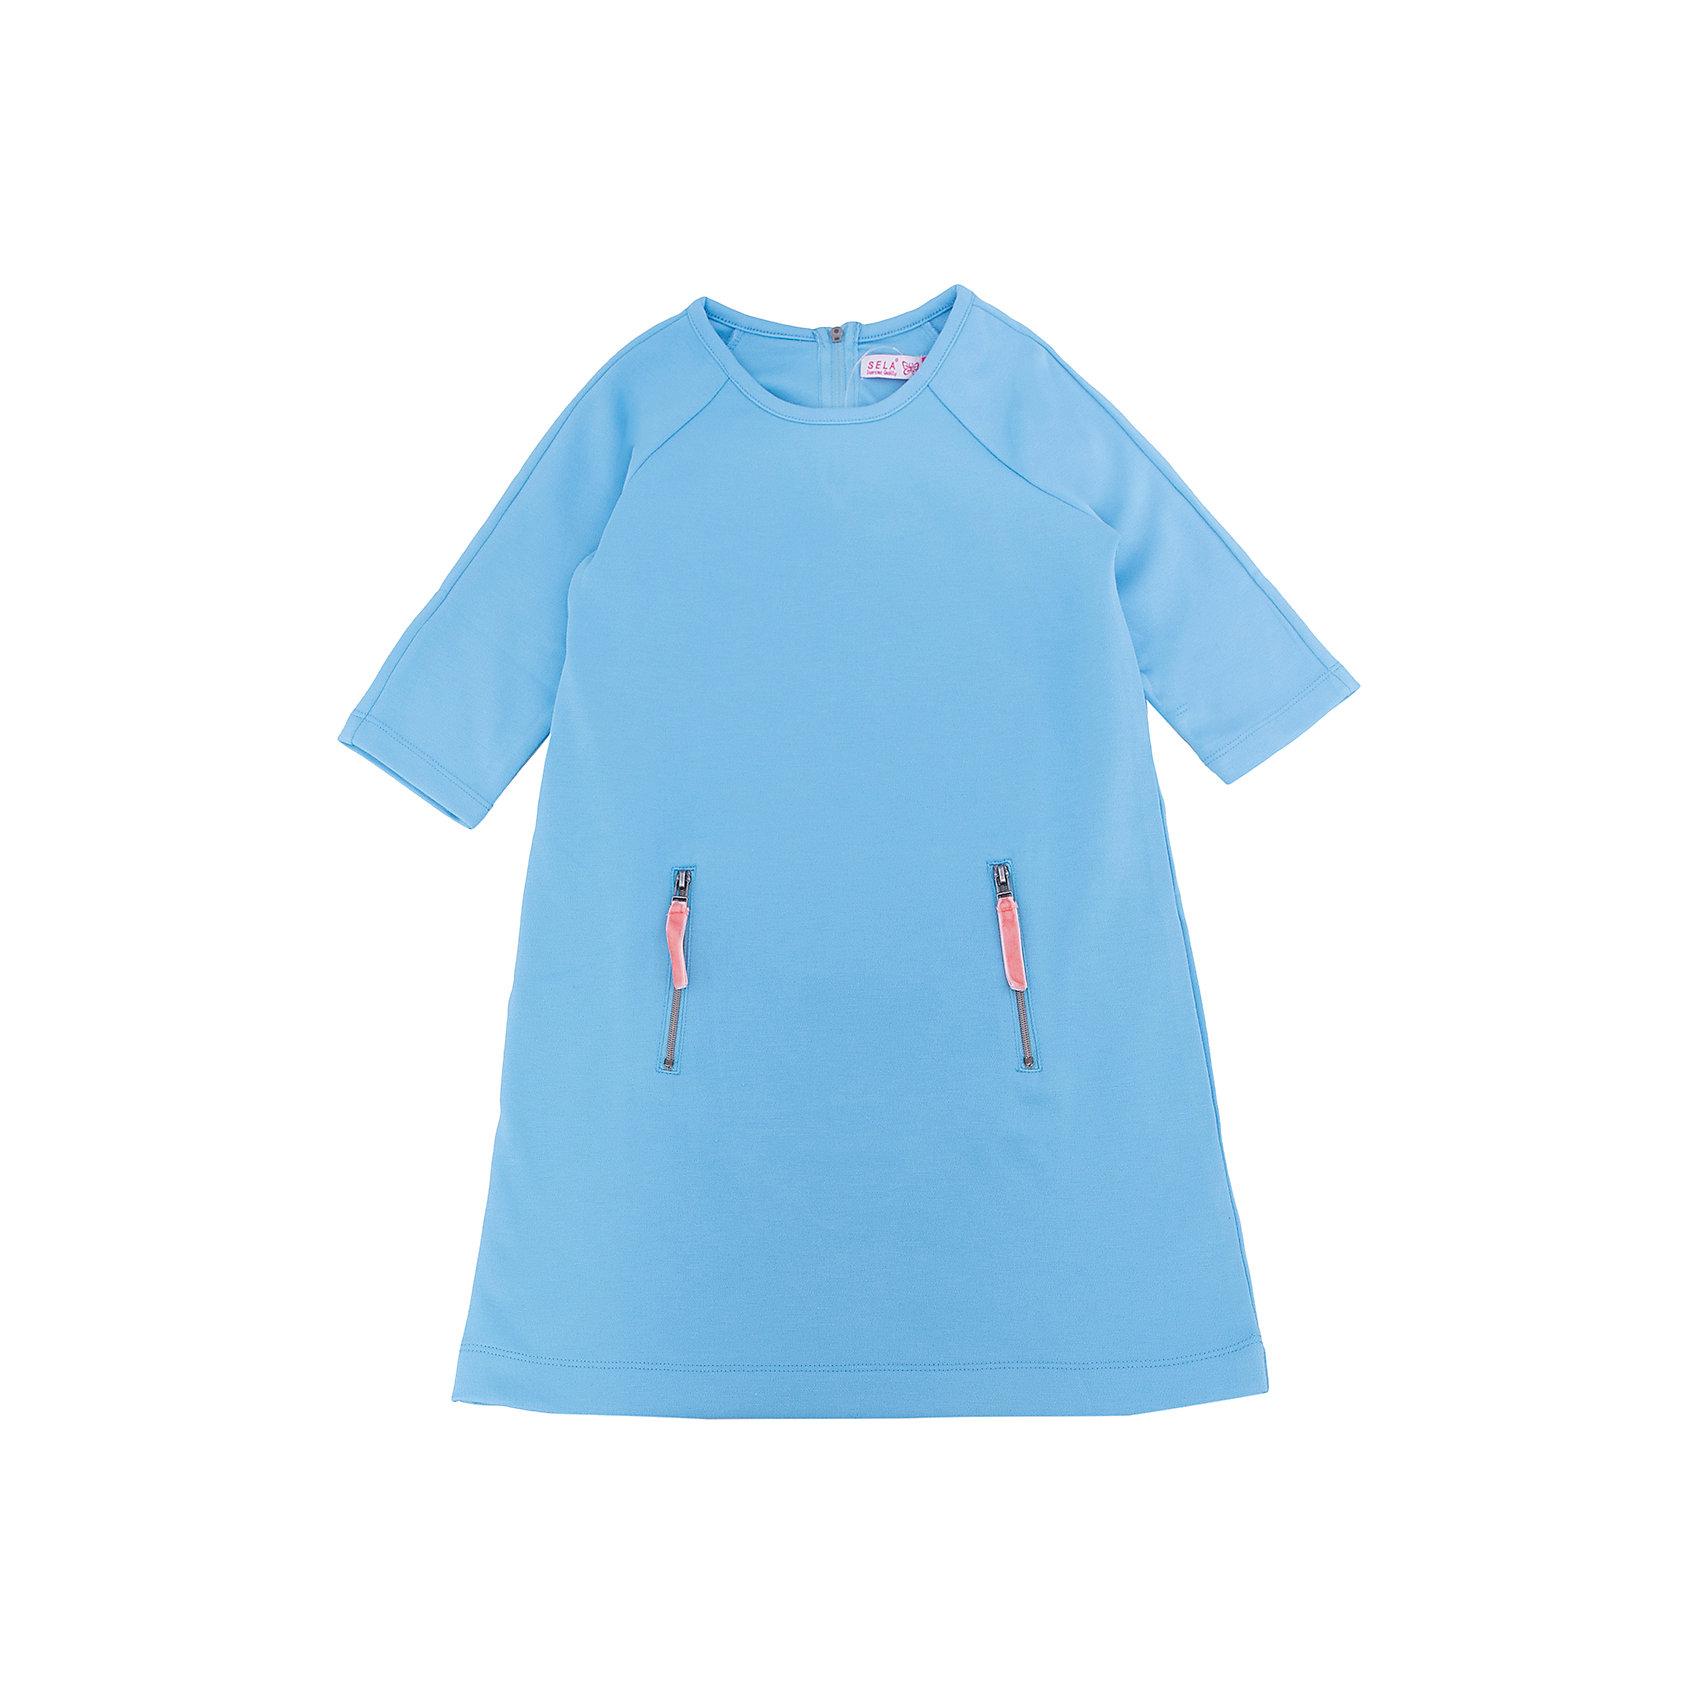 Платье для девочки SELAПлатья и сарафаны<br>Характеристики:<br><br>• Вид детской и подростковой одежды: платье<br>• Пол: для девочки<br>• Предназначение: повседневная, праздничная<br>• Сезон: круглый год<br>• Тематика рисунка: без рисунка<br>• Цвет: голубой <br>• Материал: 60% вискоза, 35% полиэстер, 5% эластан<br>• Силуэт: полуприлегающий<br>• Рукав: реглан, 3/4<br>• Воротник: круглый<br>• Застежка: молния сзади<br>• На передней полочке имеются карманы на молнии<br>• Длина платья: мини<br>• Особенности ухода: ручная стирка при температуре не более 30 градусов, глажение на щадящем режиме<br><br>Платье для девочки SELA из коллекции детской и подростковой одежды от знаменитого торгового бренда, который производит удобную, комфортную и стильную одежду, предназначенную как для будней, так и для праздников. Изделие выполнено из трикотажного полотна, в состав которого входит вискоза, полиэстер и эластан, что обеспечивает платью повышенную устойчивость к изменению формы и цвета. Платье выполнено в классическом стиле: полуприлегающий силуэт, рукав реглан 3/4 круглый воротник. Изделие выполнено в нежном небесном цвете, декорировано застежками молниями. <br><br>Платье для девочки SELA можно купить в нашем интернет-магазине.<br><br>Ширина мм: 236<br>Глубина мм: 16<br>Высота мм: 184<br>Вес г: 177<br>Цвет: голубой<br>Возраст от месяцев: 96<br>Возраст до месяцев: 108<br>Пол: Женский<br>Возраст: Детский<br>Размер: 134,140,146,152,116,122,128<br>SKU: 5305332